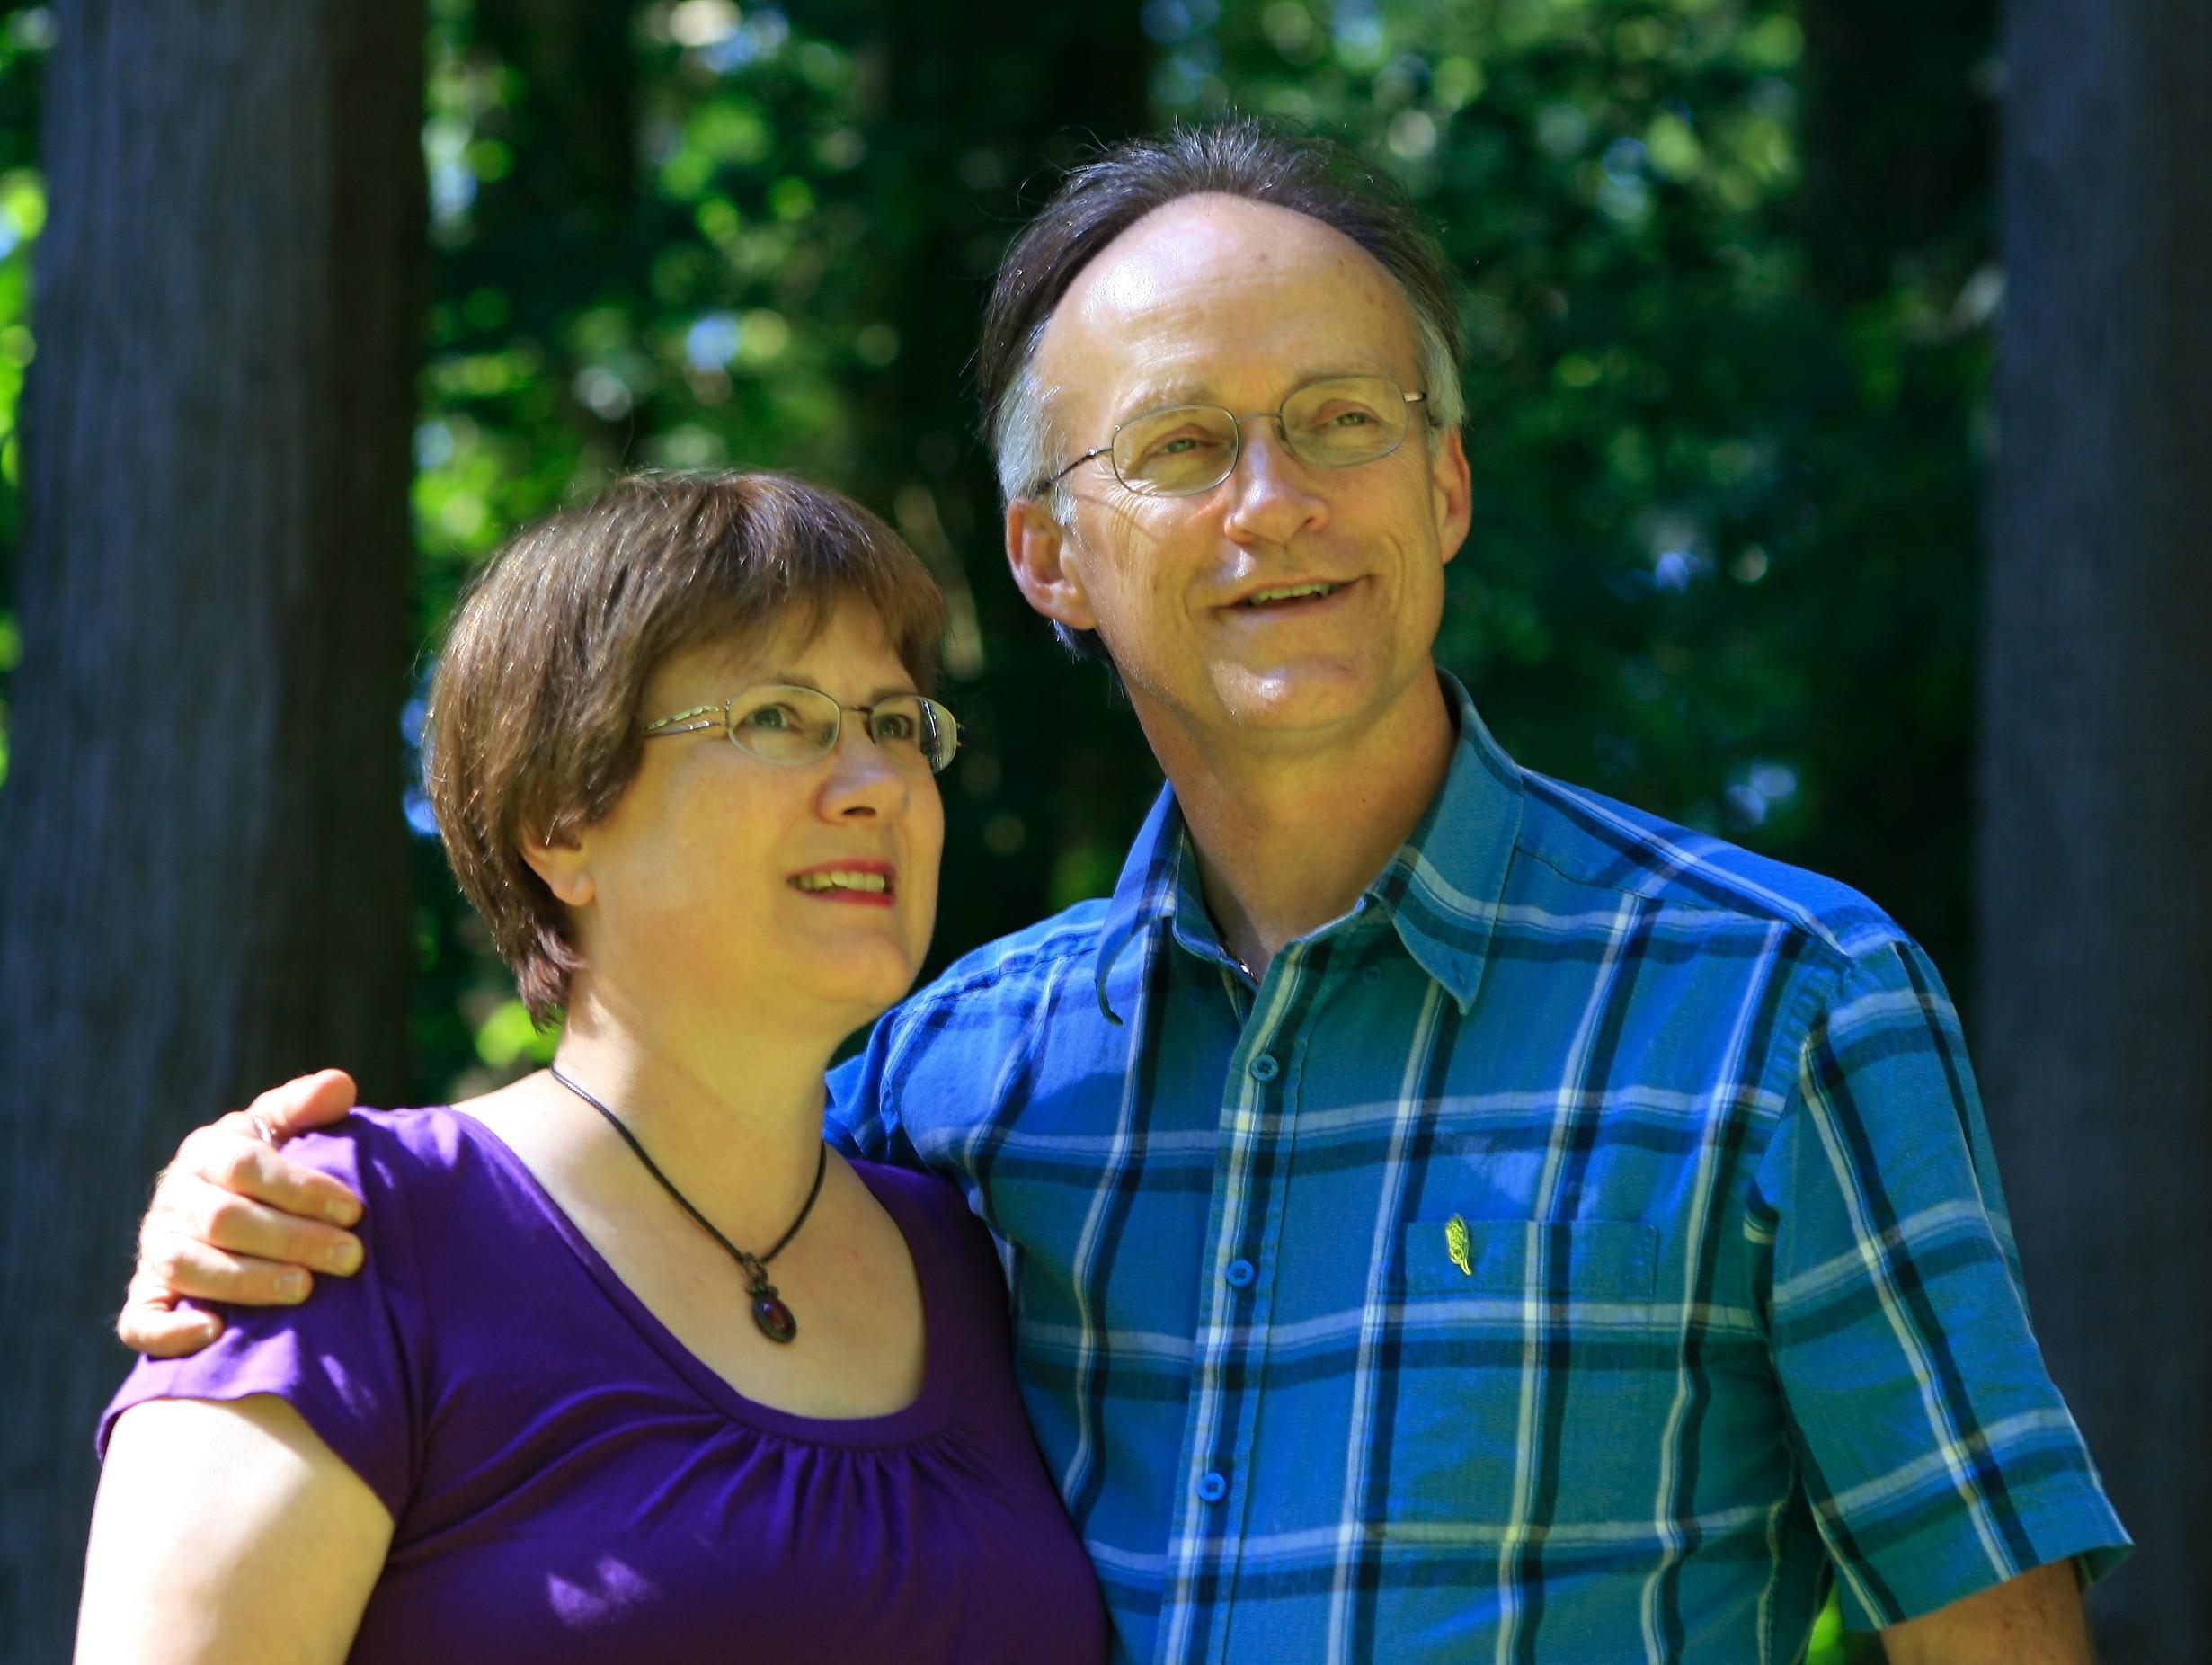 Janice and Ed gazing upward